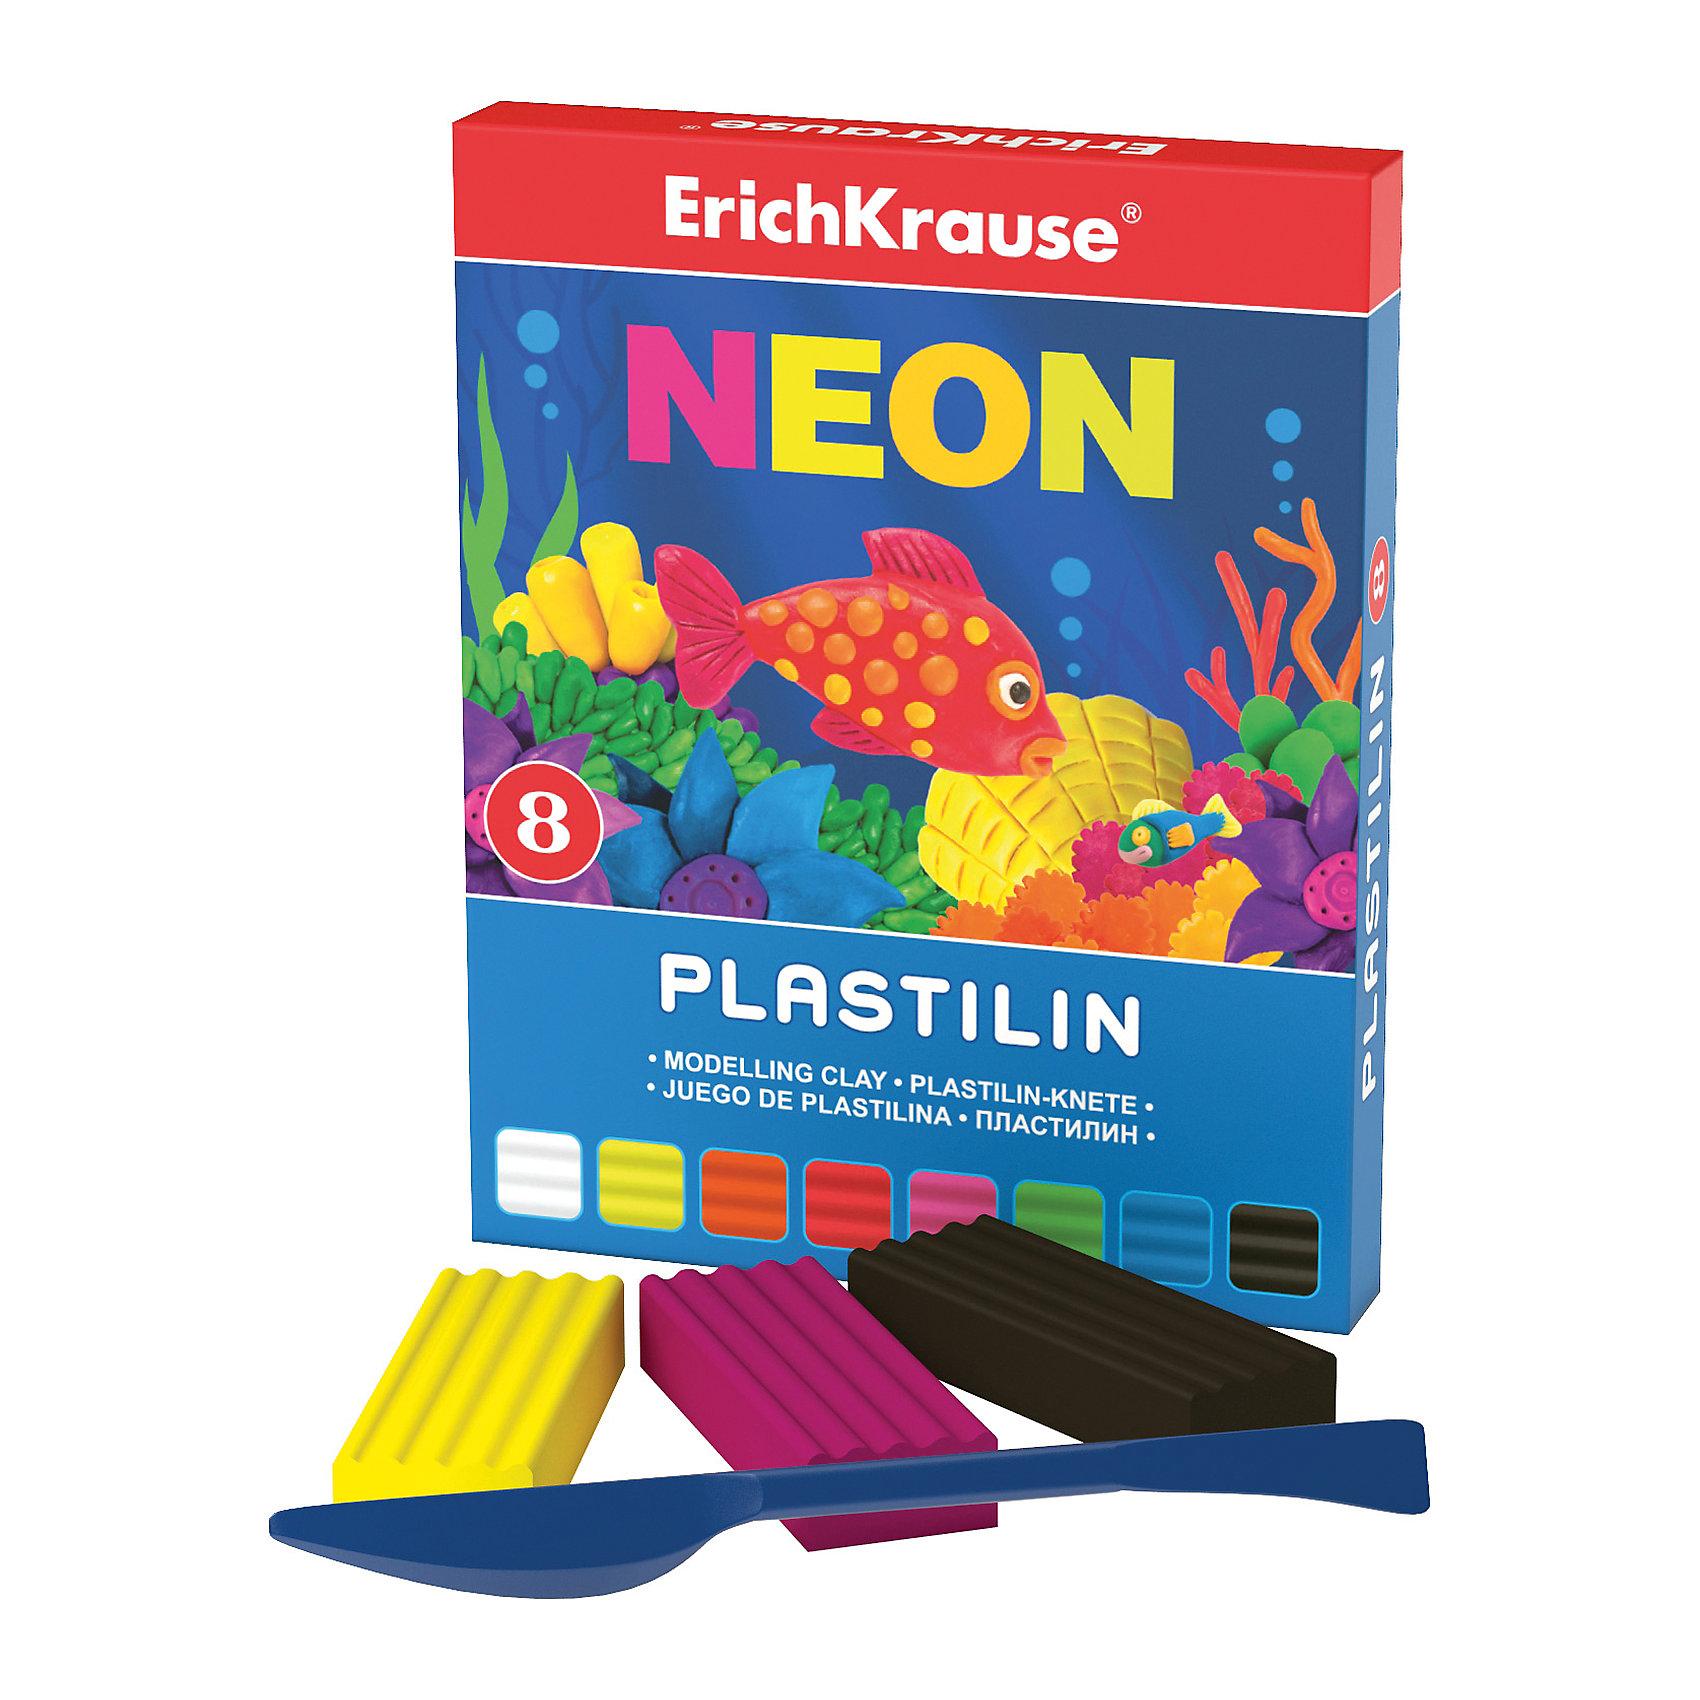 Пластилин Neon (8 цветов, 144г + стек), ArtberryРисование и лепка<br>Пластилин Neon (Неон) (8 цветов, 144г + стек), Artberry (Артберри) невероятно мягкий и пластичный, поэтому из брусочков отлично получаются как плоские (так называемая техника рисования пластилином на поверхности), так и объемные фигурки. Набор пластилина отличается яркой и насыщенной палитрой, при этом цвета легко смешиваются между собой для получения новых оттенков. Позвольте вашему ребенку воплощать свои фантазии в лепке, развивая при этом воображение и мелкую моторику.<br><br>Характеристики:<br>-Сохраняет форму, не застывает на воздухе<br>-Произведен на основе натуральных растительных компонентов<br>-Не липнет к рукам или рабочей поверхности, не оставляет жирных пятен<br>-Лепка пластилином способствует развитию мелкой моторики, целеустремленности, терпения, творческих способностей<br><br>Комплектация: пластилин 8 цветов по 18 г, стек (пластиковый нож)<br><br>Дополнительная информация:<br>-Вес в упаковке: 175 г<br>-Размеры в упаковке: 151х119х10 мм<br>-Материалы: пластилин, пластик<br><br>Набор пластилина из 8 цветов является отличным подарком, который доставит настоящую радость детям и откроет новые возможности для развития творческих способностей Вашего ребенка.<br><br>Пластилин Neon (Неон) (8 цветов, 144г + стек), Artberry (Артберри) можно купить в нашем магазине.<br><br>Ширина мм: 151<br>Глубина мм: 119<br>Высота мм: 10<br>Вес г: 175<br>Возраст от месяцев: 36<br>Возраст до месяцев: 144<br>Пол: Унисекс<br>Возраст: Детский<br>SKU: 4058296